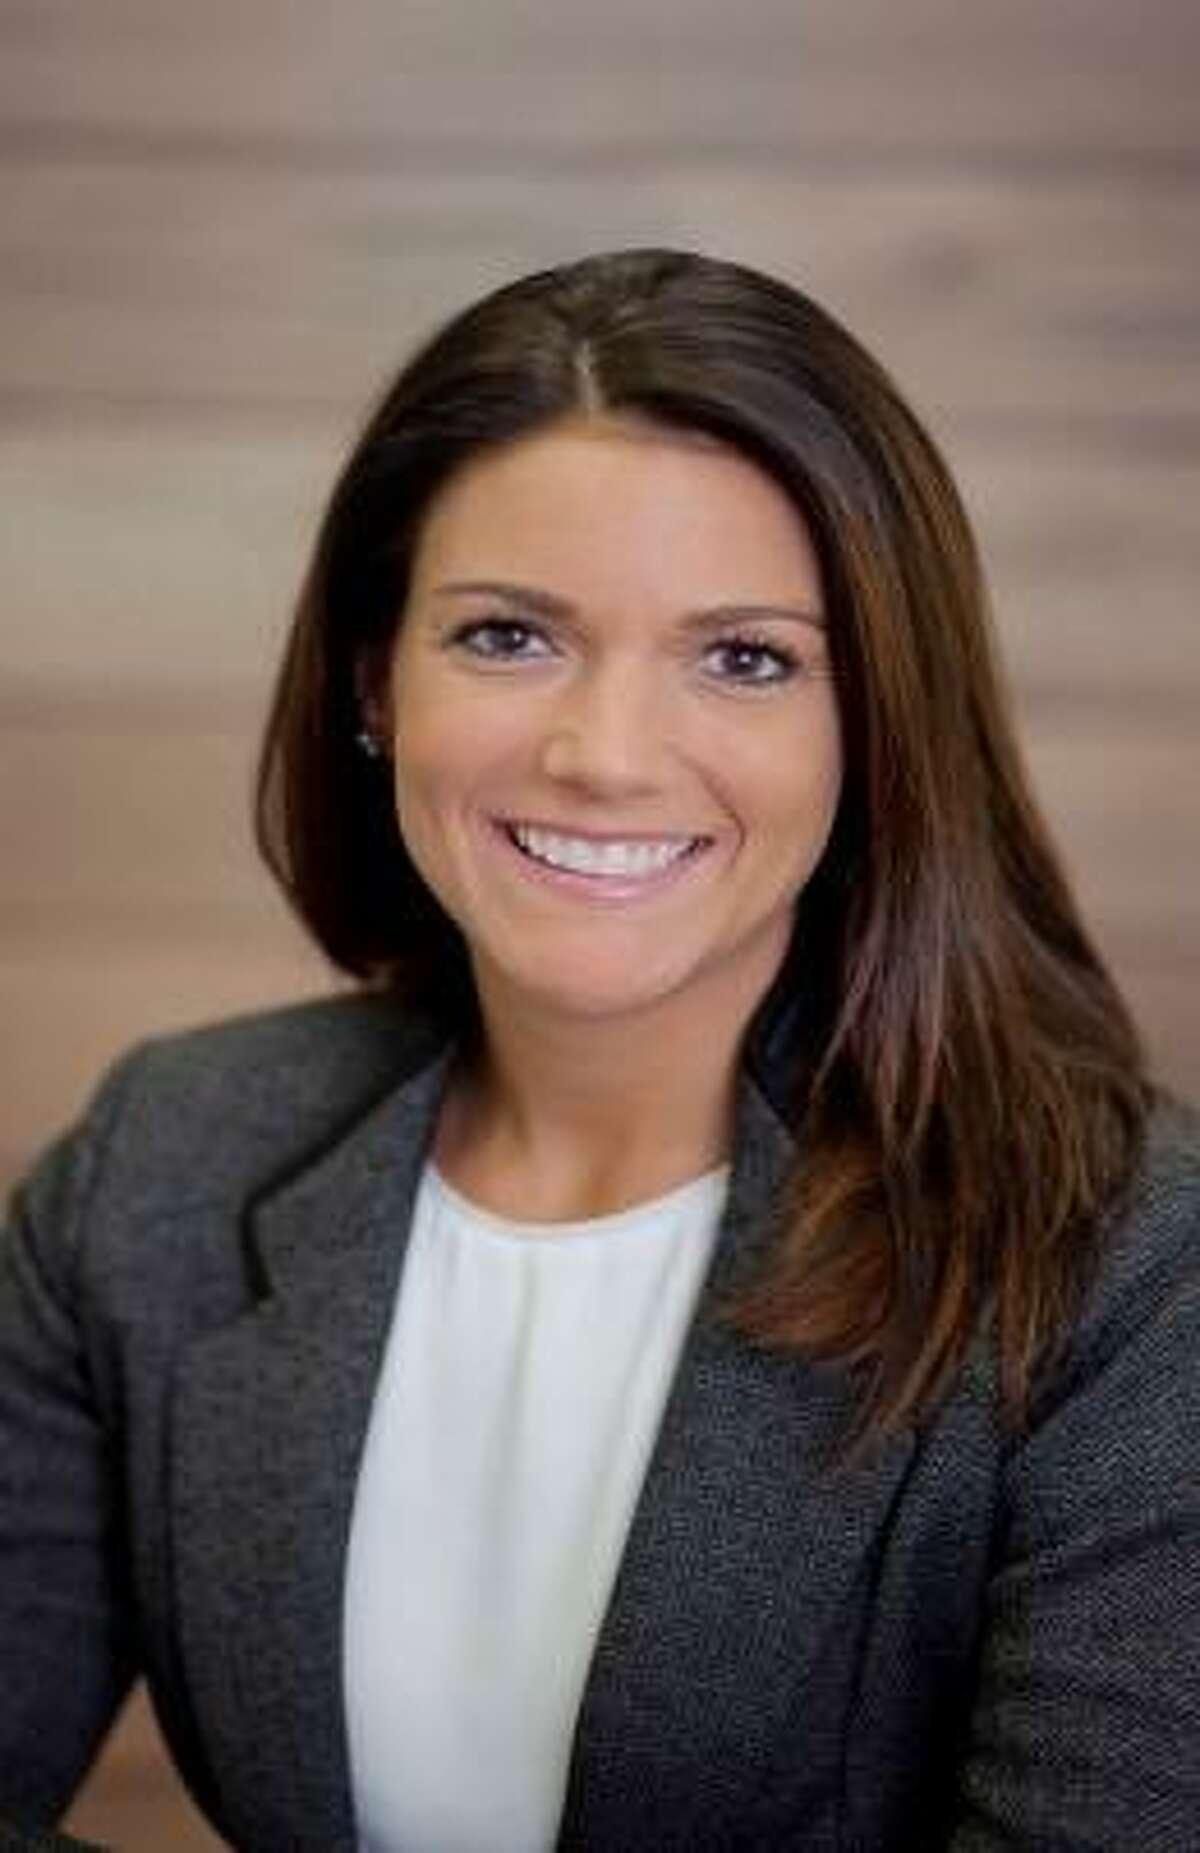 Melissa Bierowka